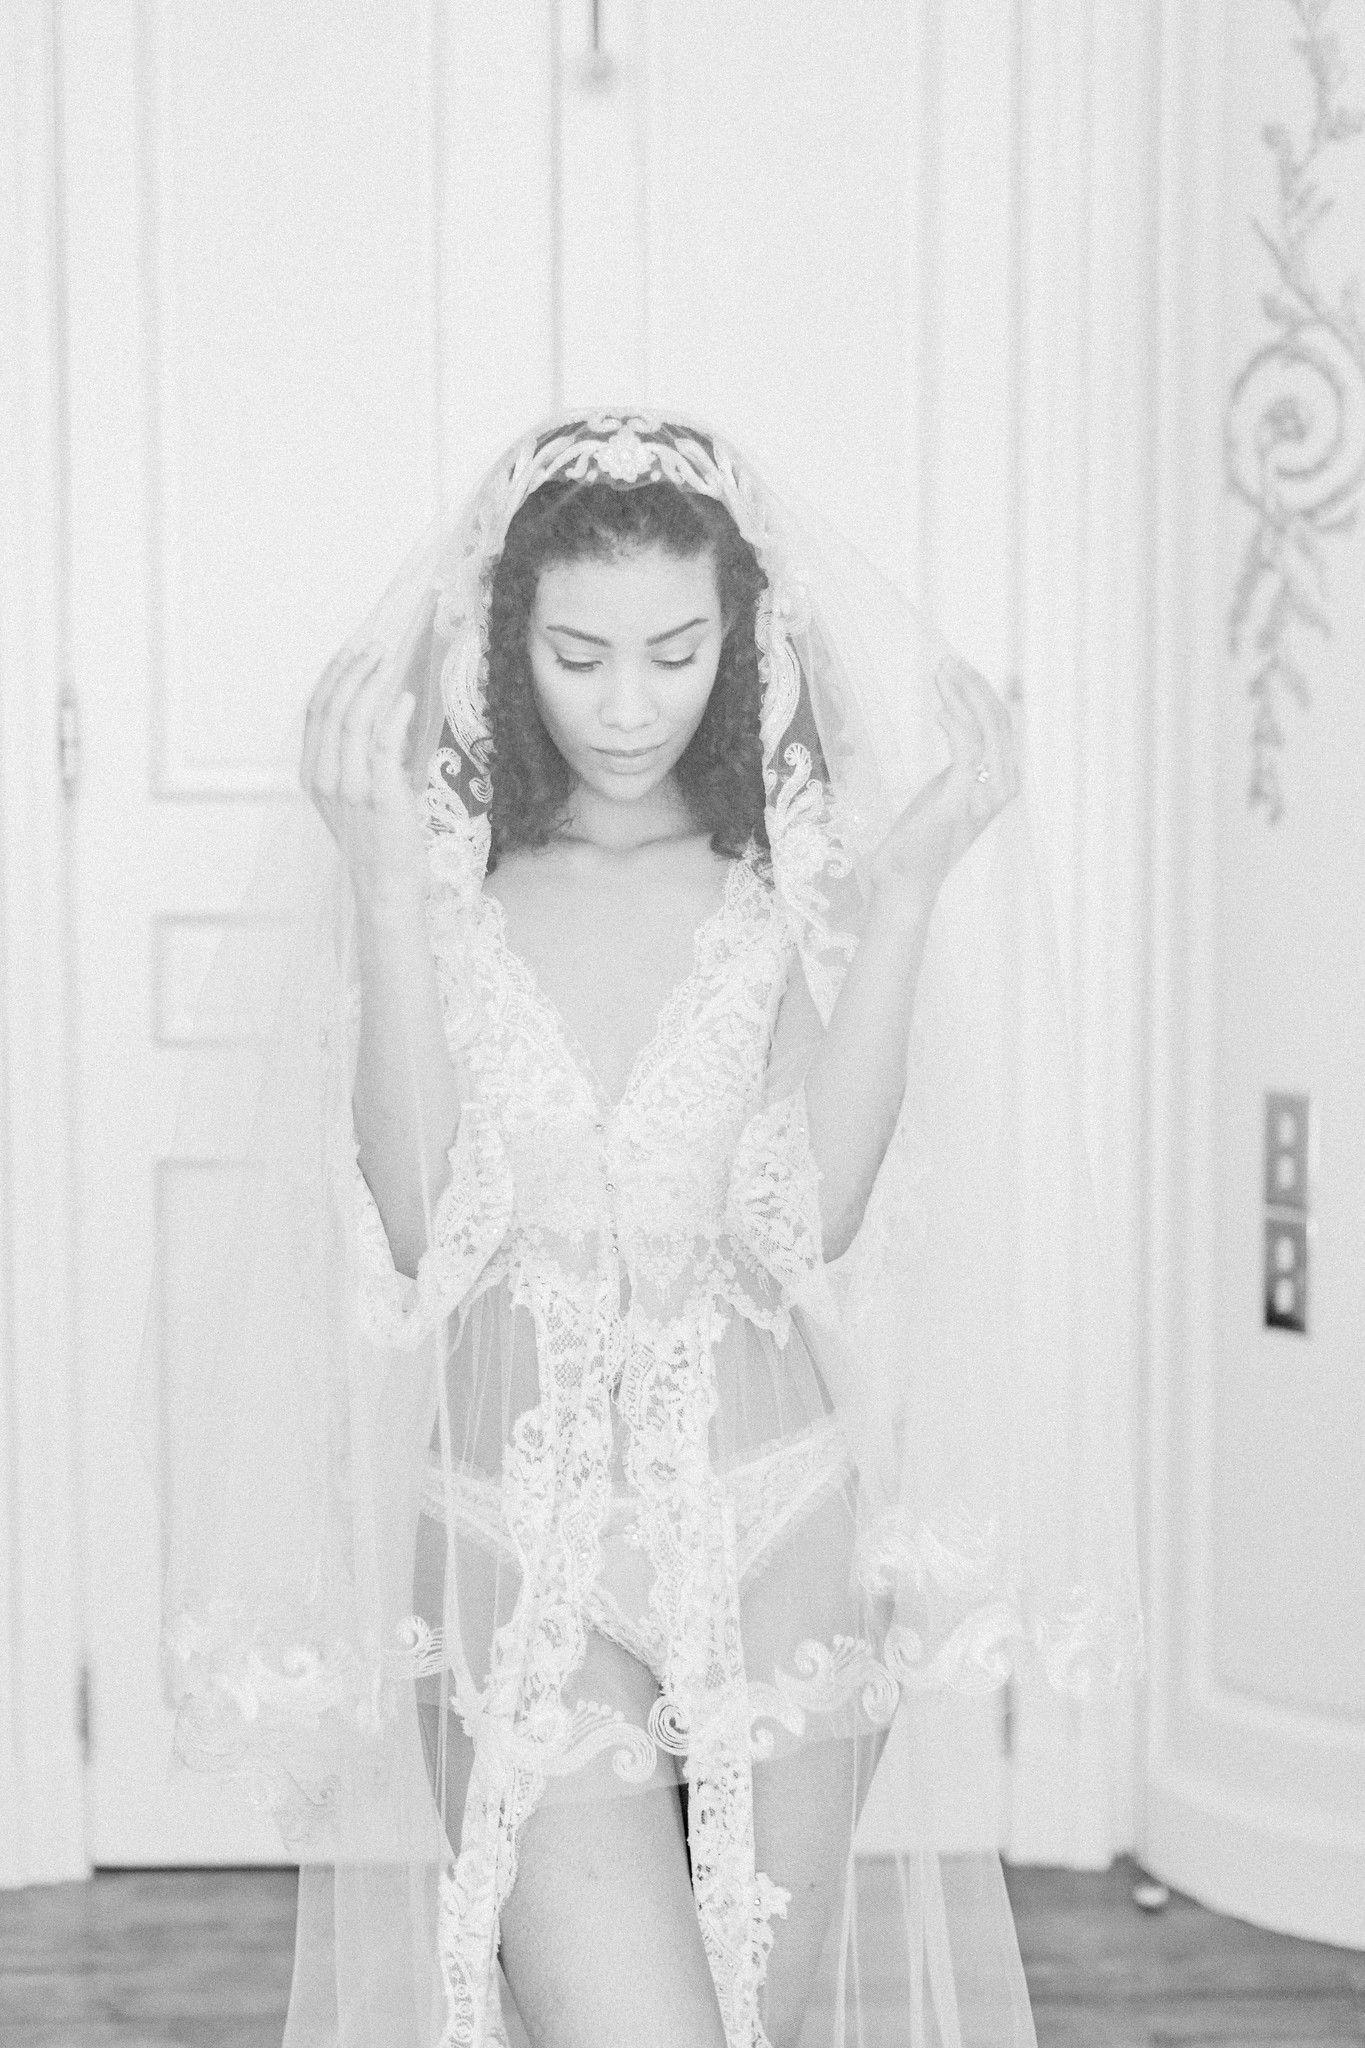 Boudoir photoshoot ideas. boudoir boudoirPhotography